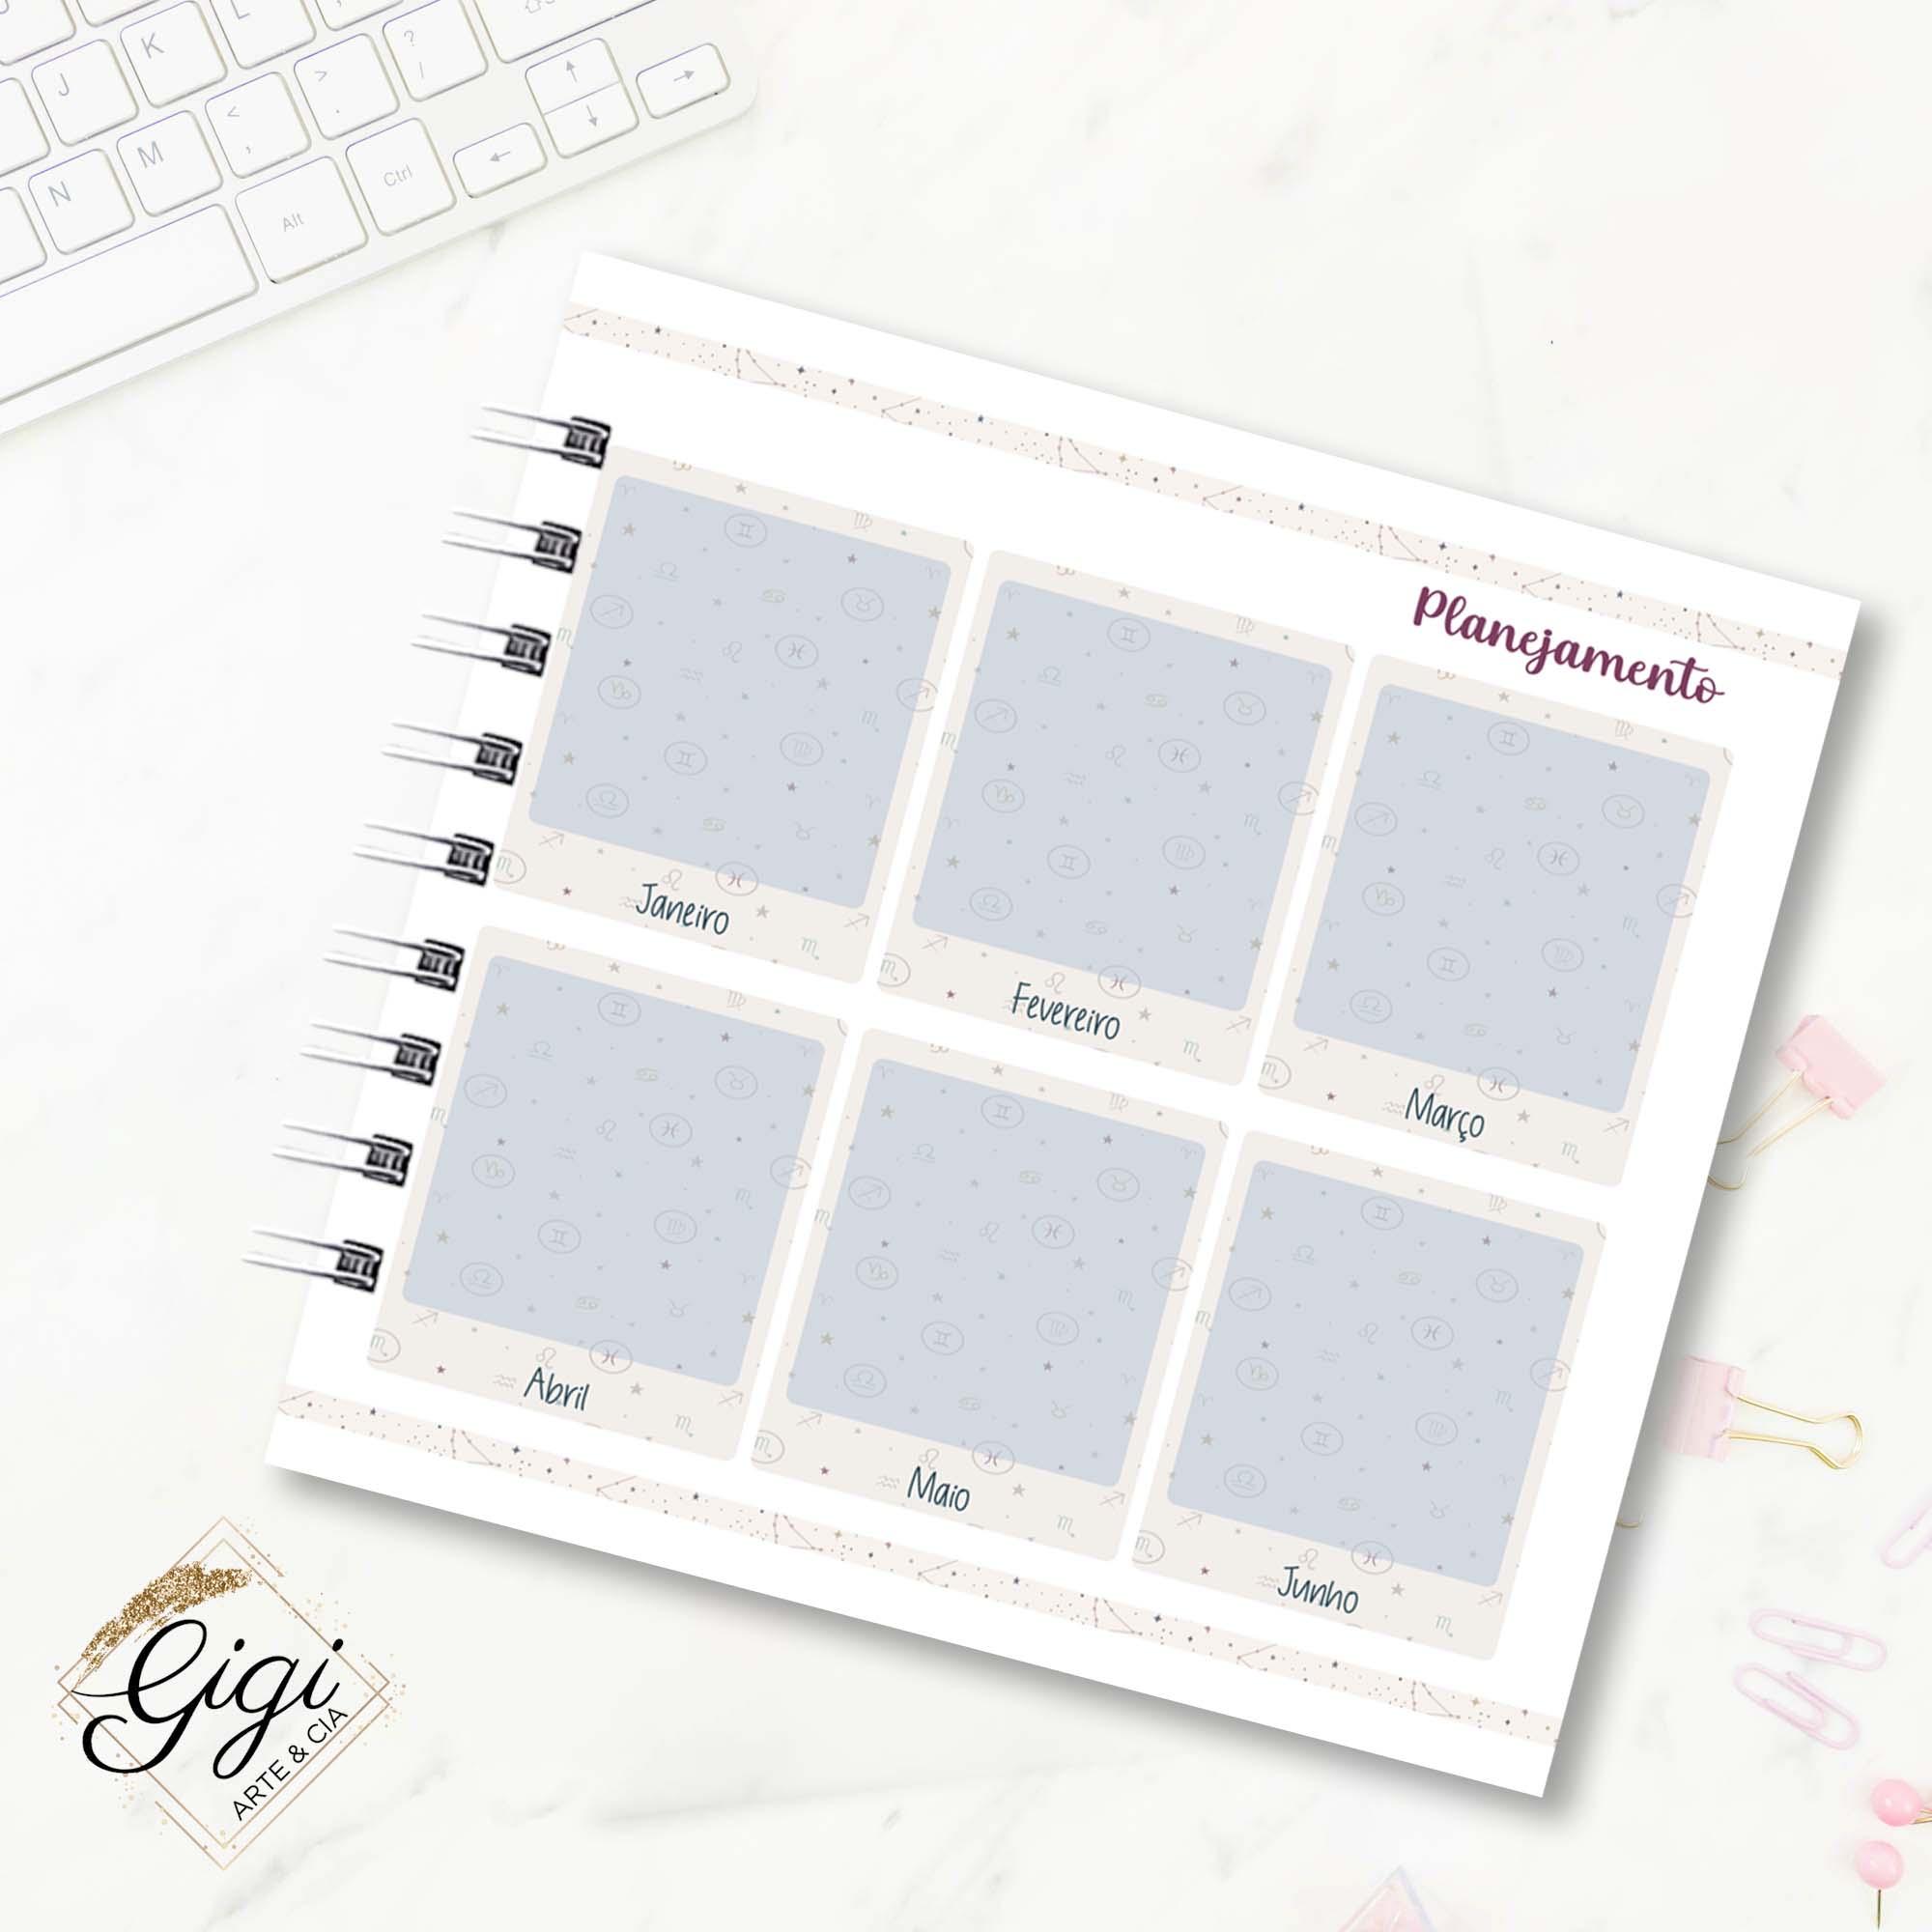 Planner 18x18 - Signos I  - Gigi Arte e Cia